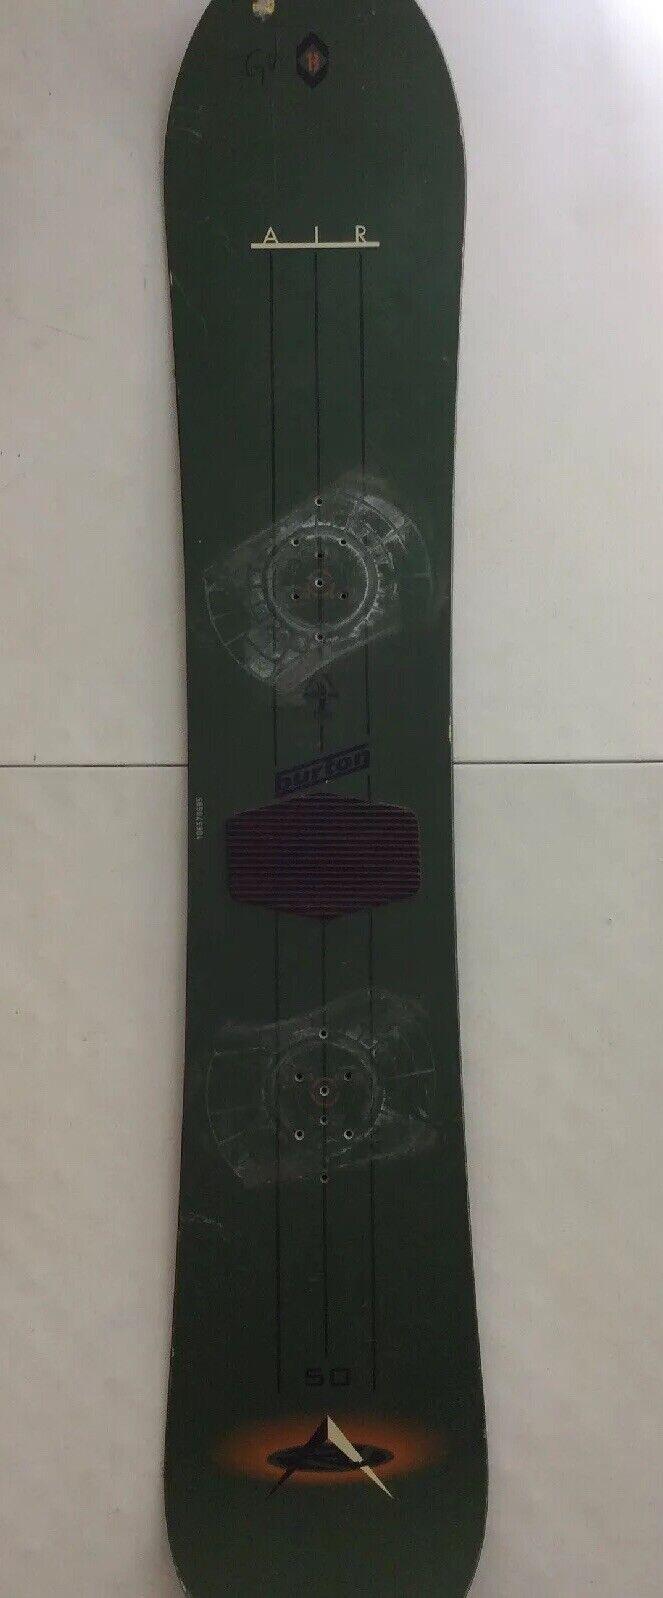 Burton Air 5 1 Snowboard 150cm breit Snowboard 150 50 Vintage Grün 1999's